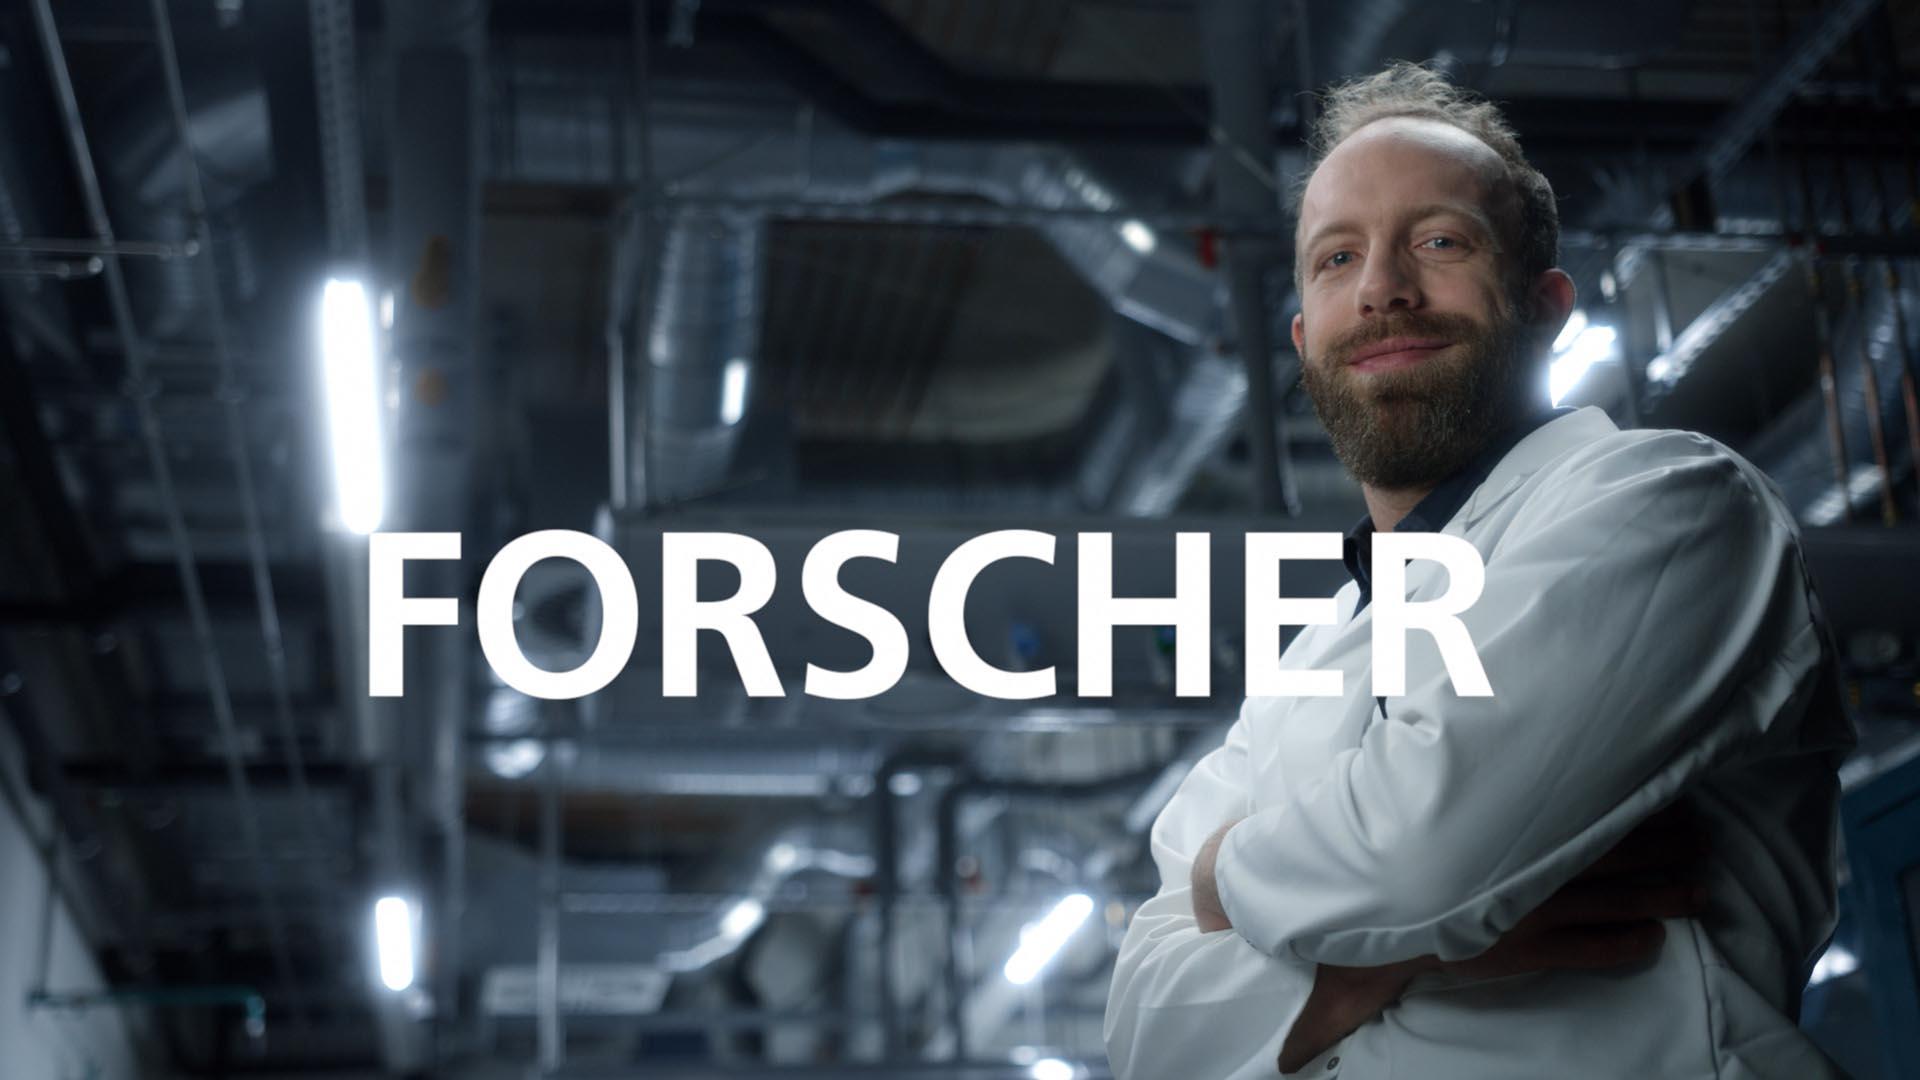 Ausschnitt aus dem Fraunhofer Recruitingspot, Mann steht stolz in einer Werkshalle mit dem Bildtitel